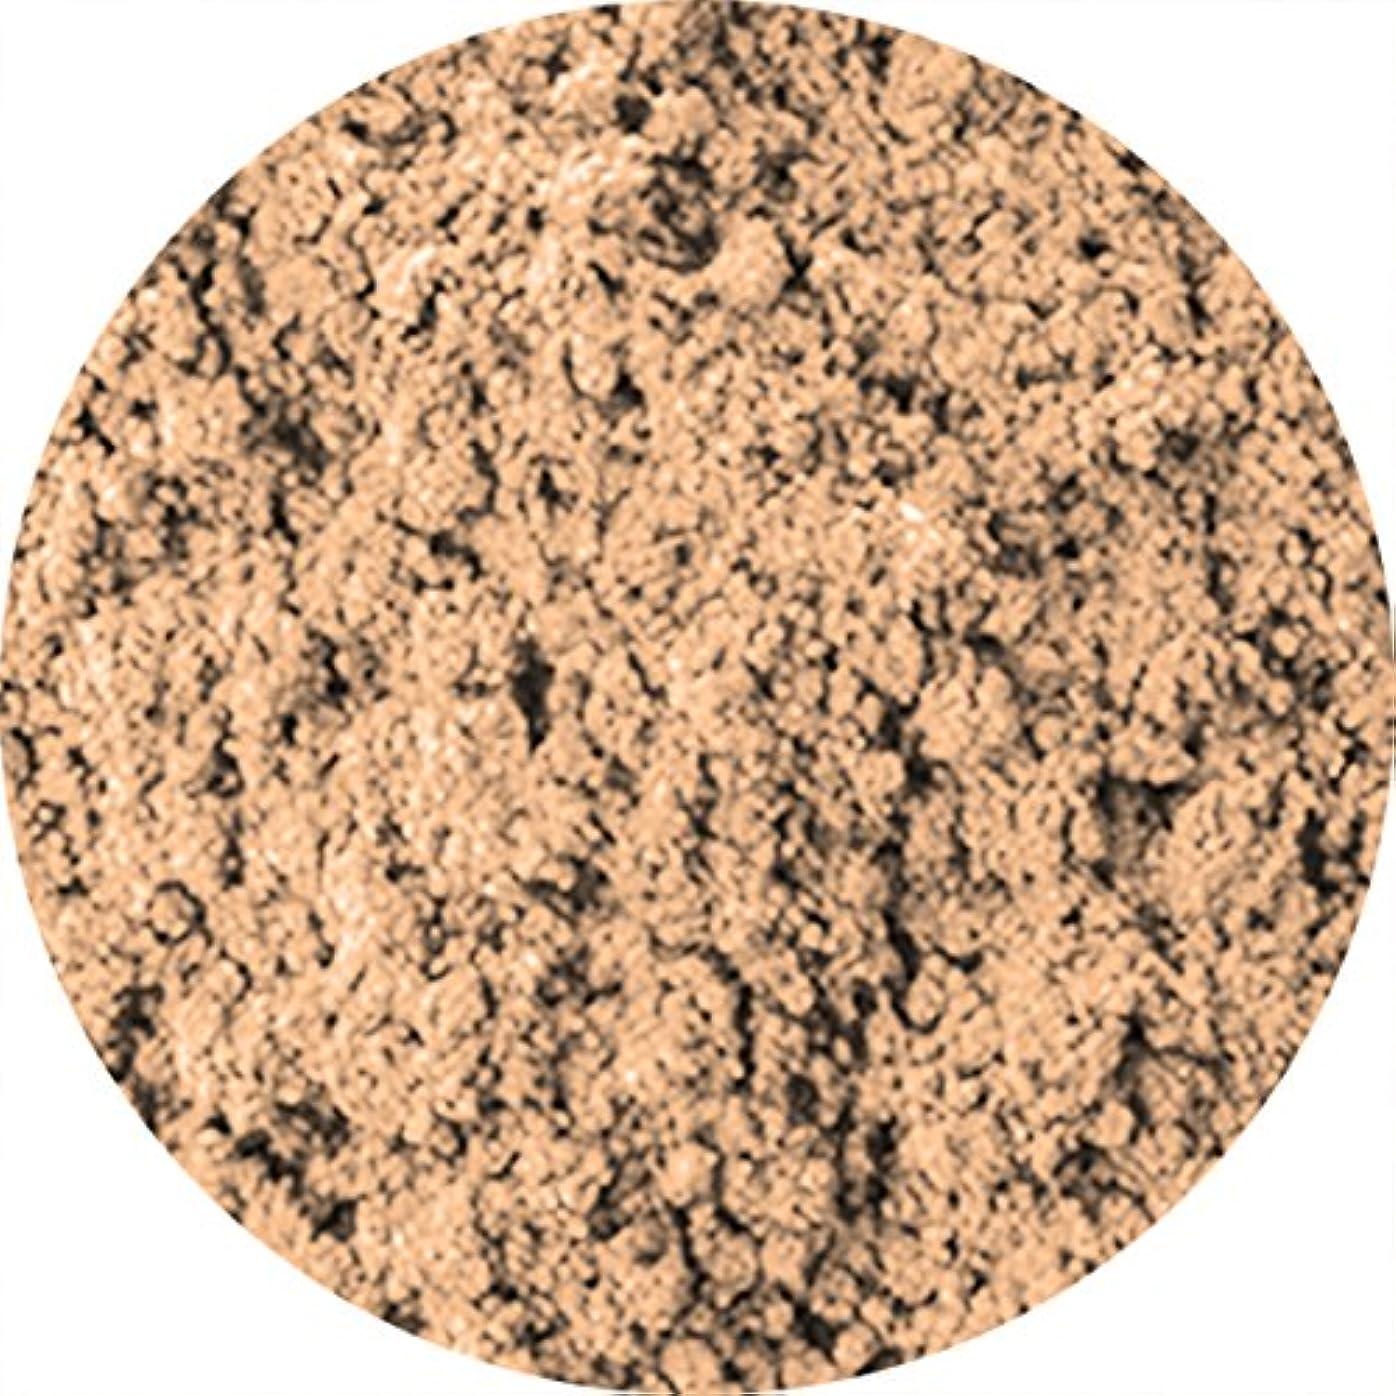 悪性ショートルームグローミネラルズグロールースベース(パウダーファンデーション) - Natural Medium 0.37oz